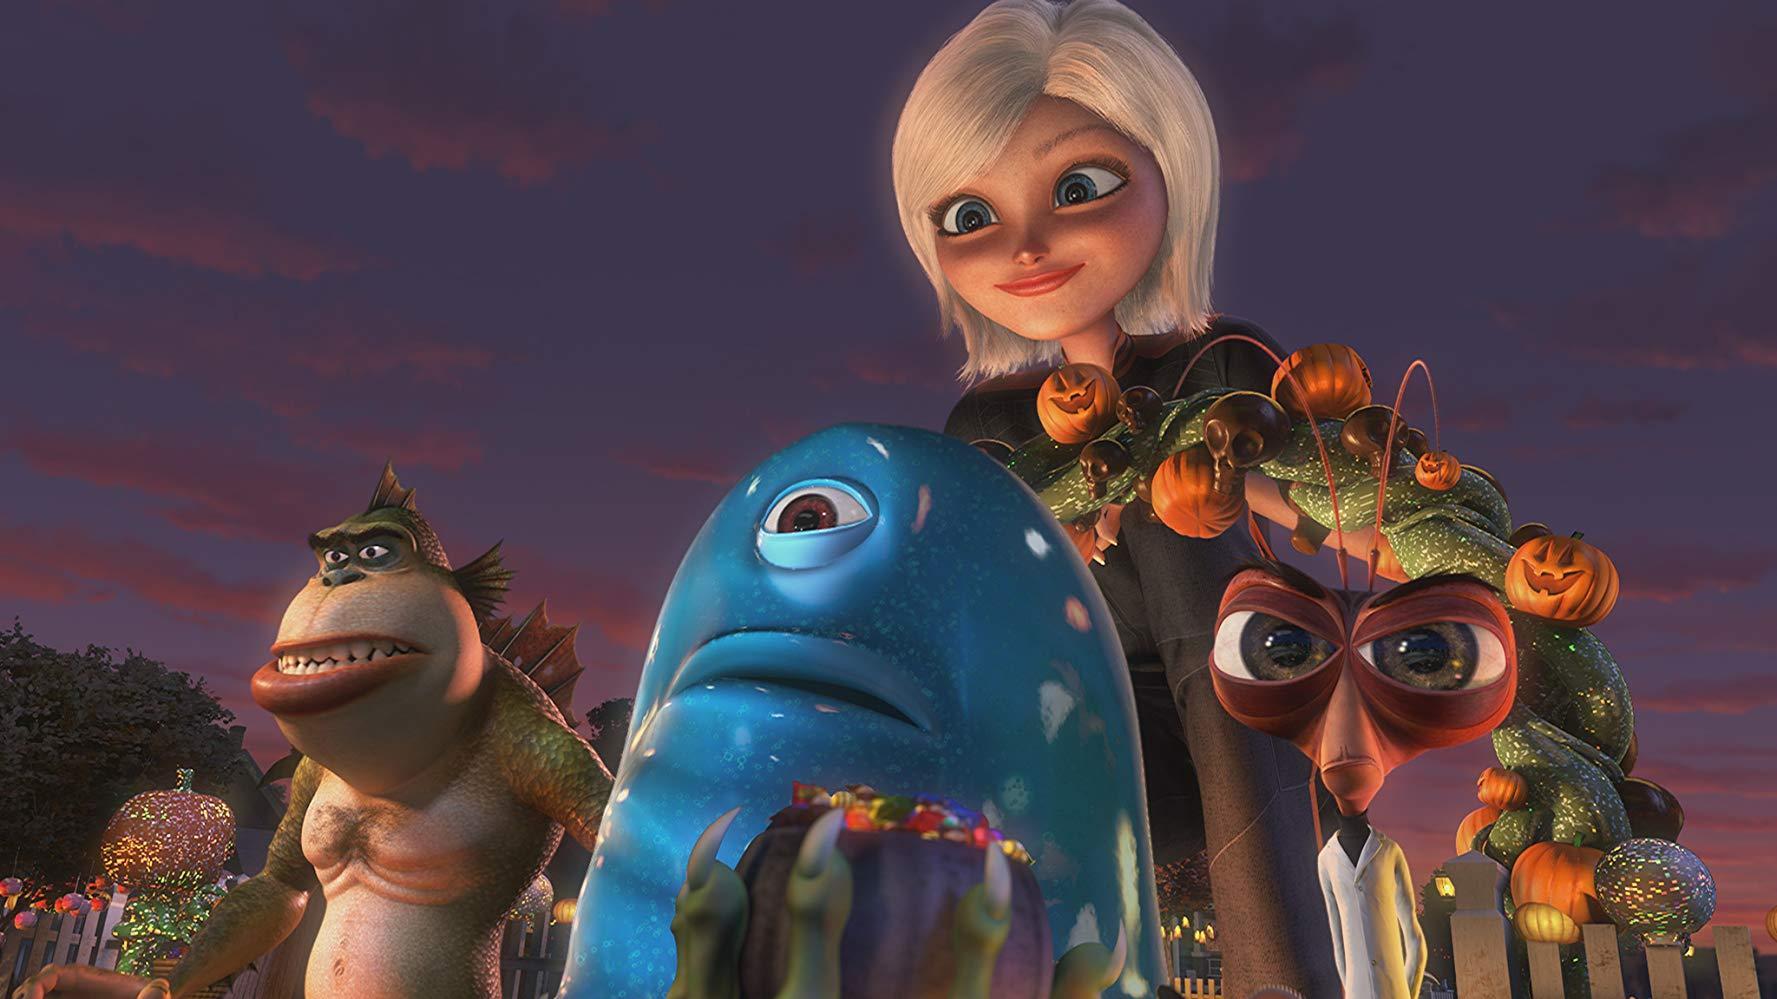 مشاهدة فيلم Monsters Vs Aliens Mutant Pumpkins From Outer Space 2009 HD مترجم كامل اون لاين